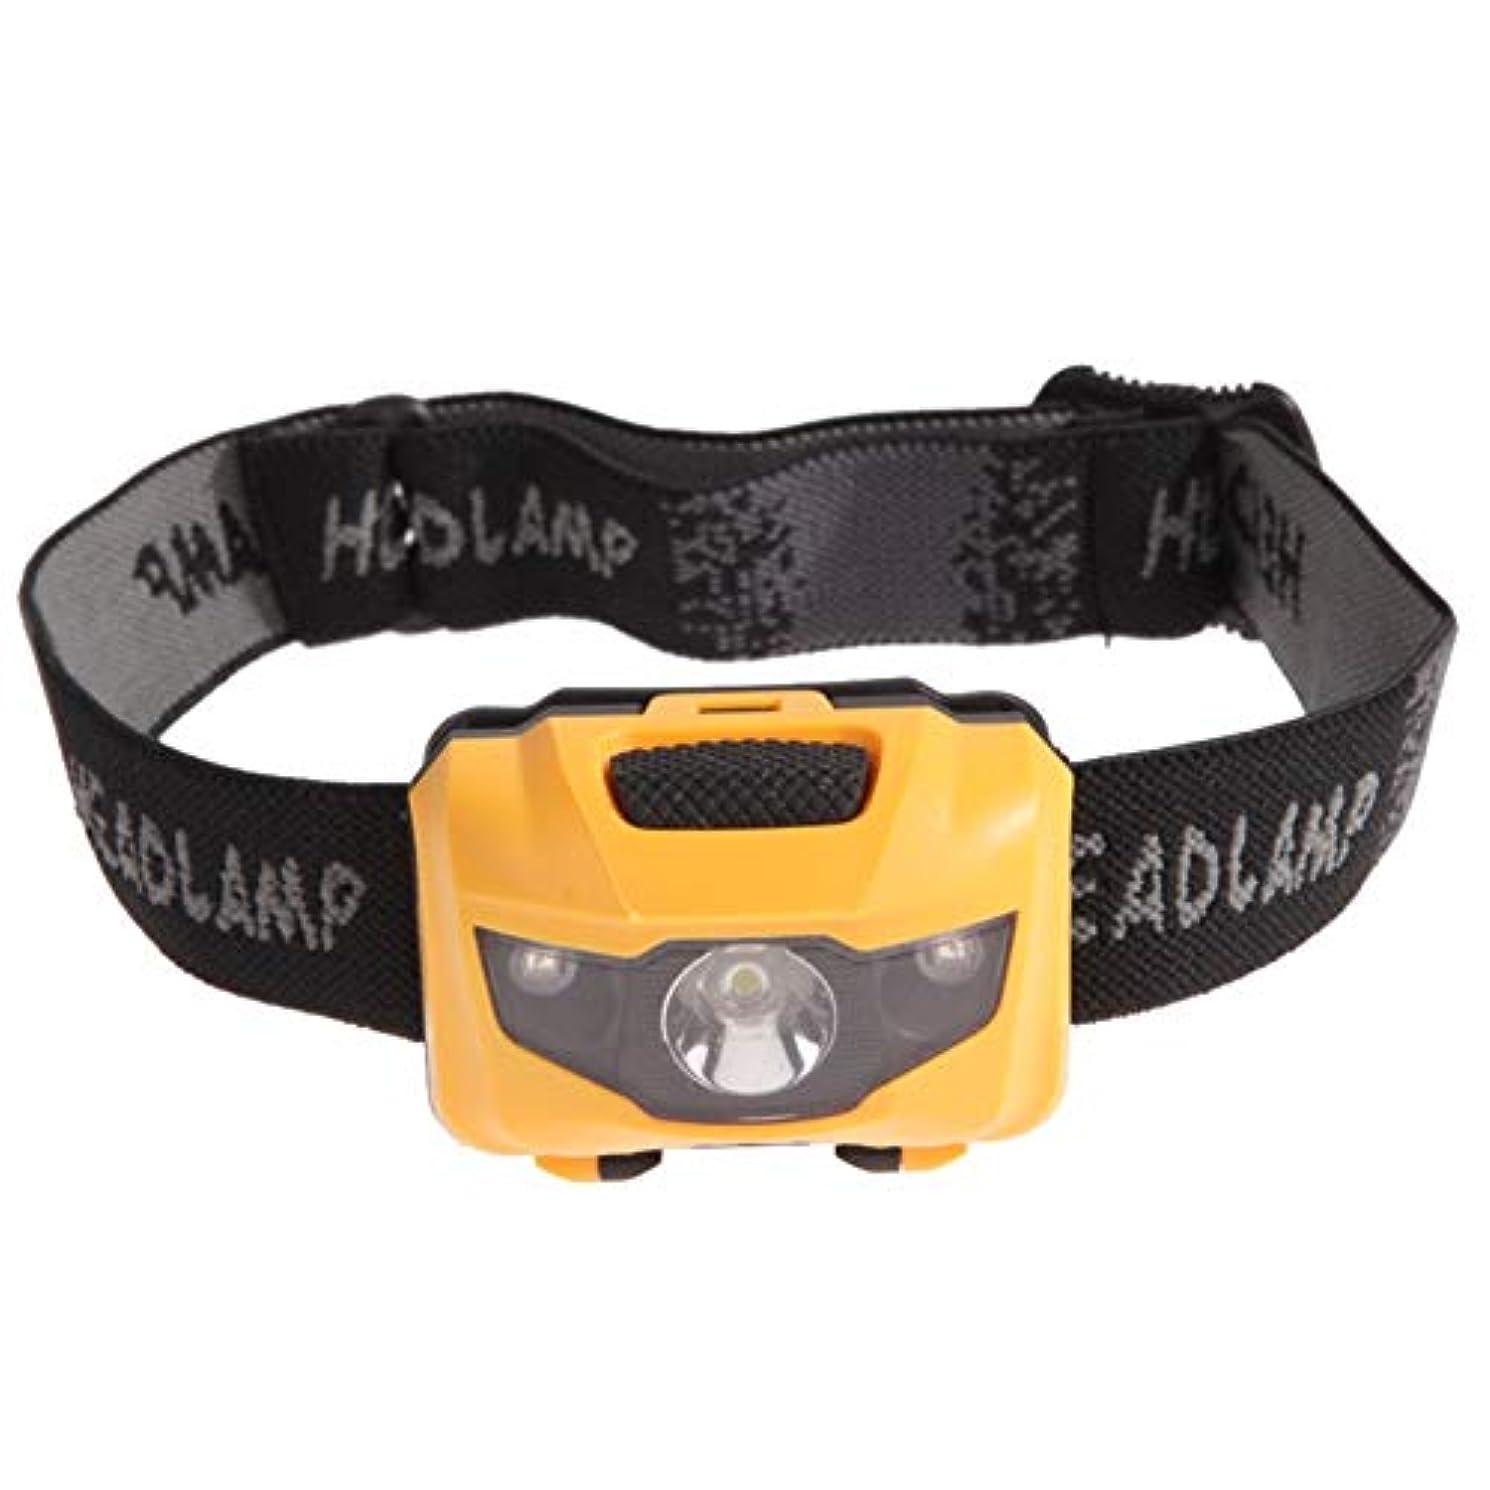 平方ファックス委員長3Wヘッドライトレッドライトホワイトアウトドアキャンプライトフィッシングヘッドライト (色 : 黄)